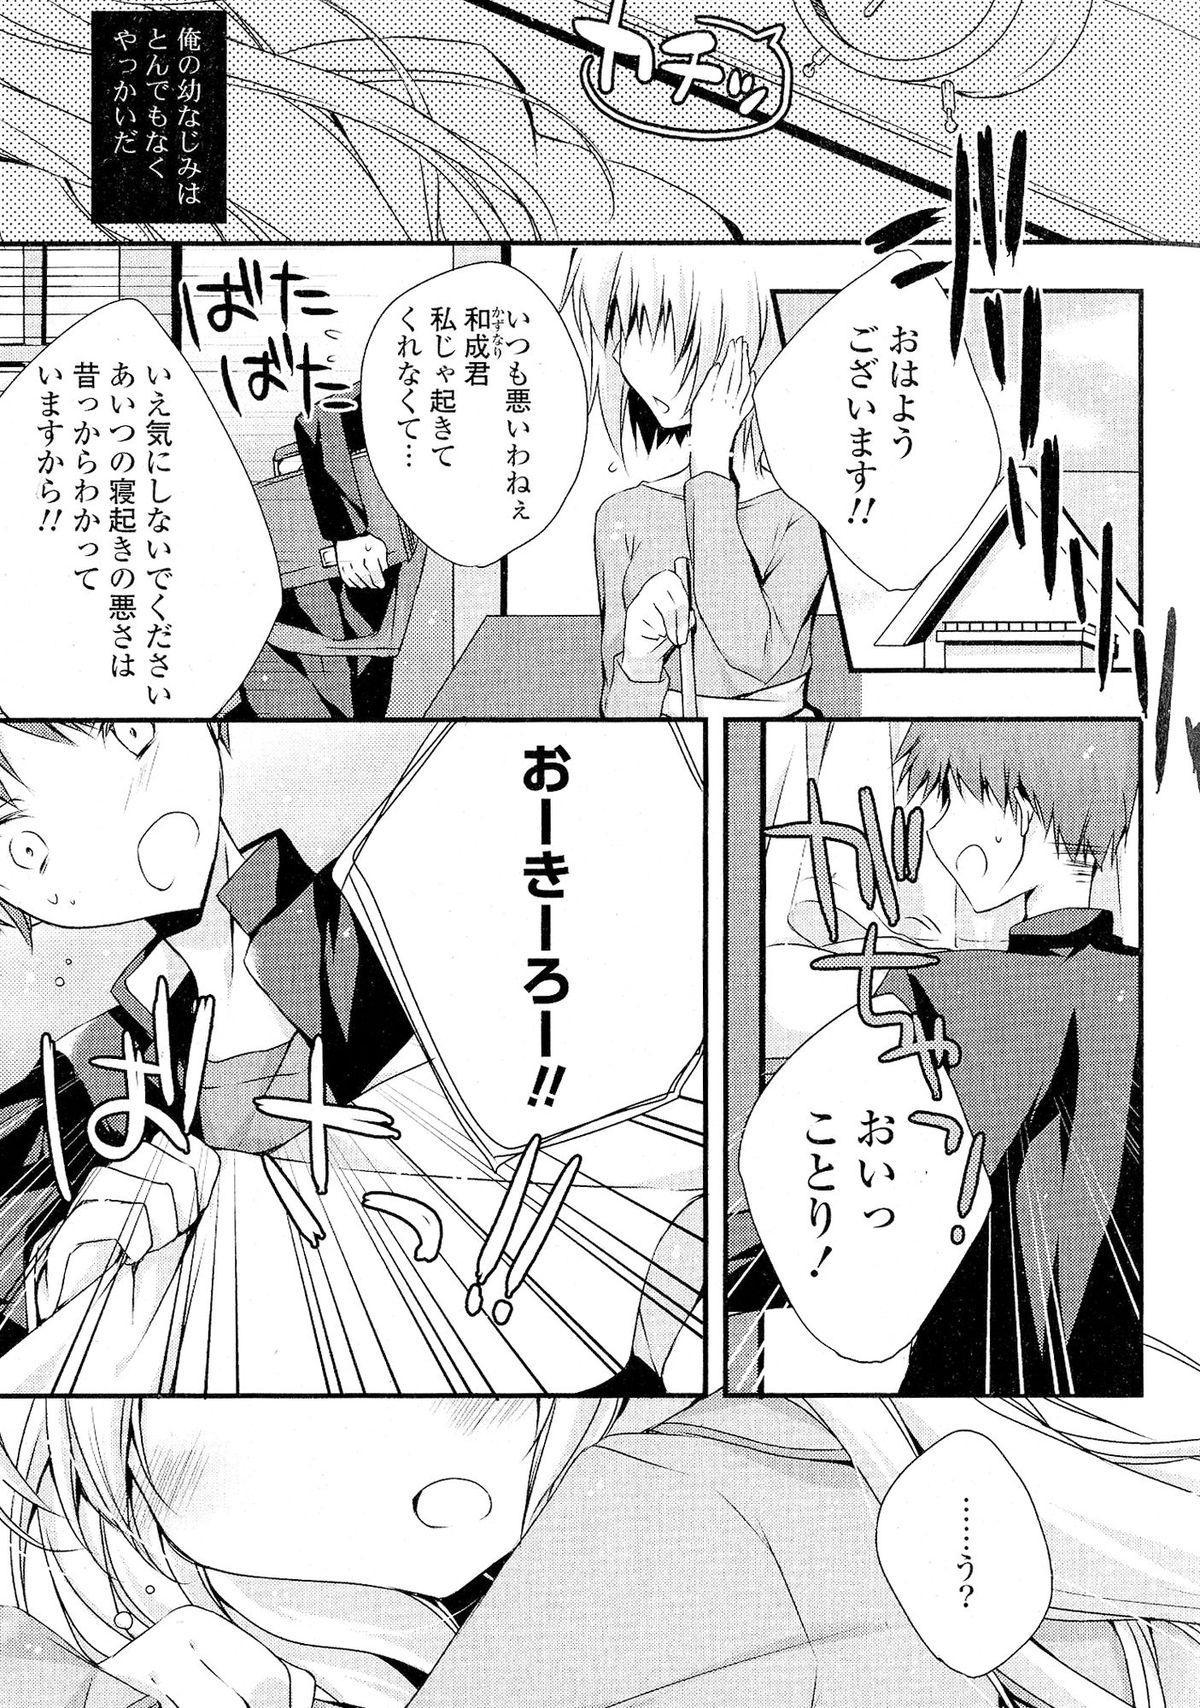 Doki ga Mune Mune Chichimusume 316